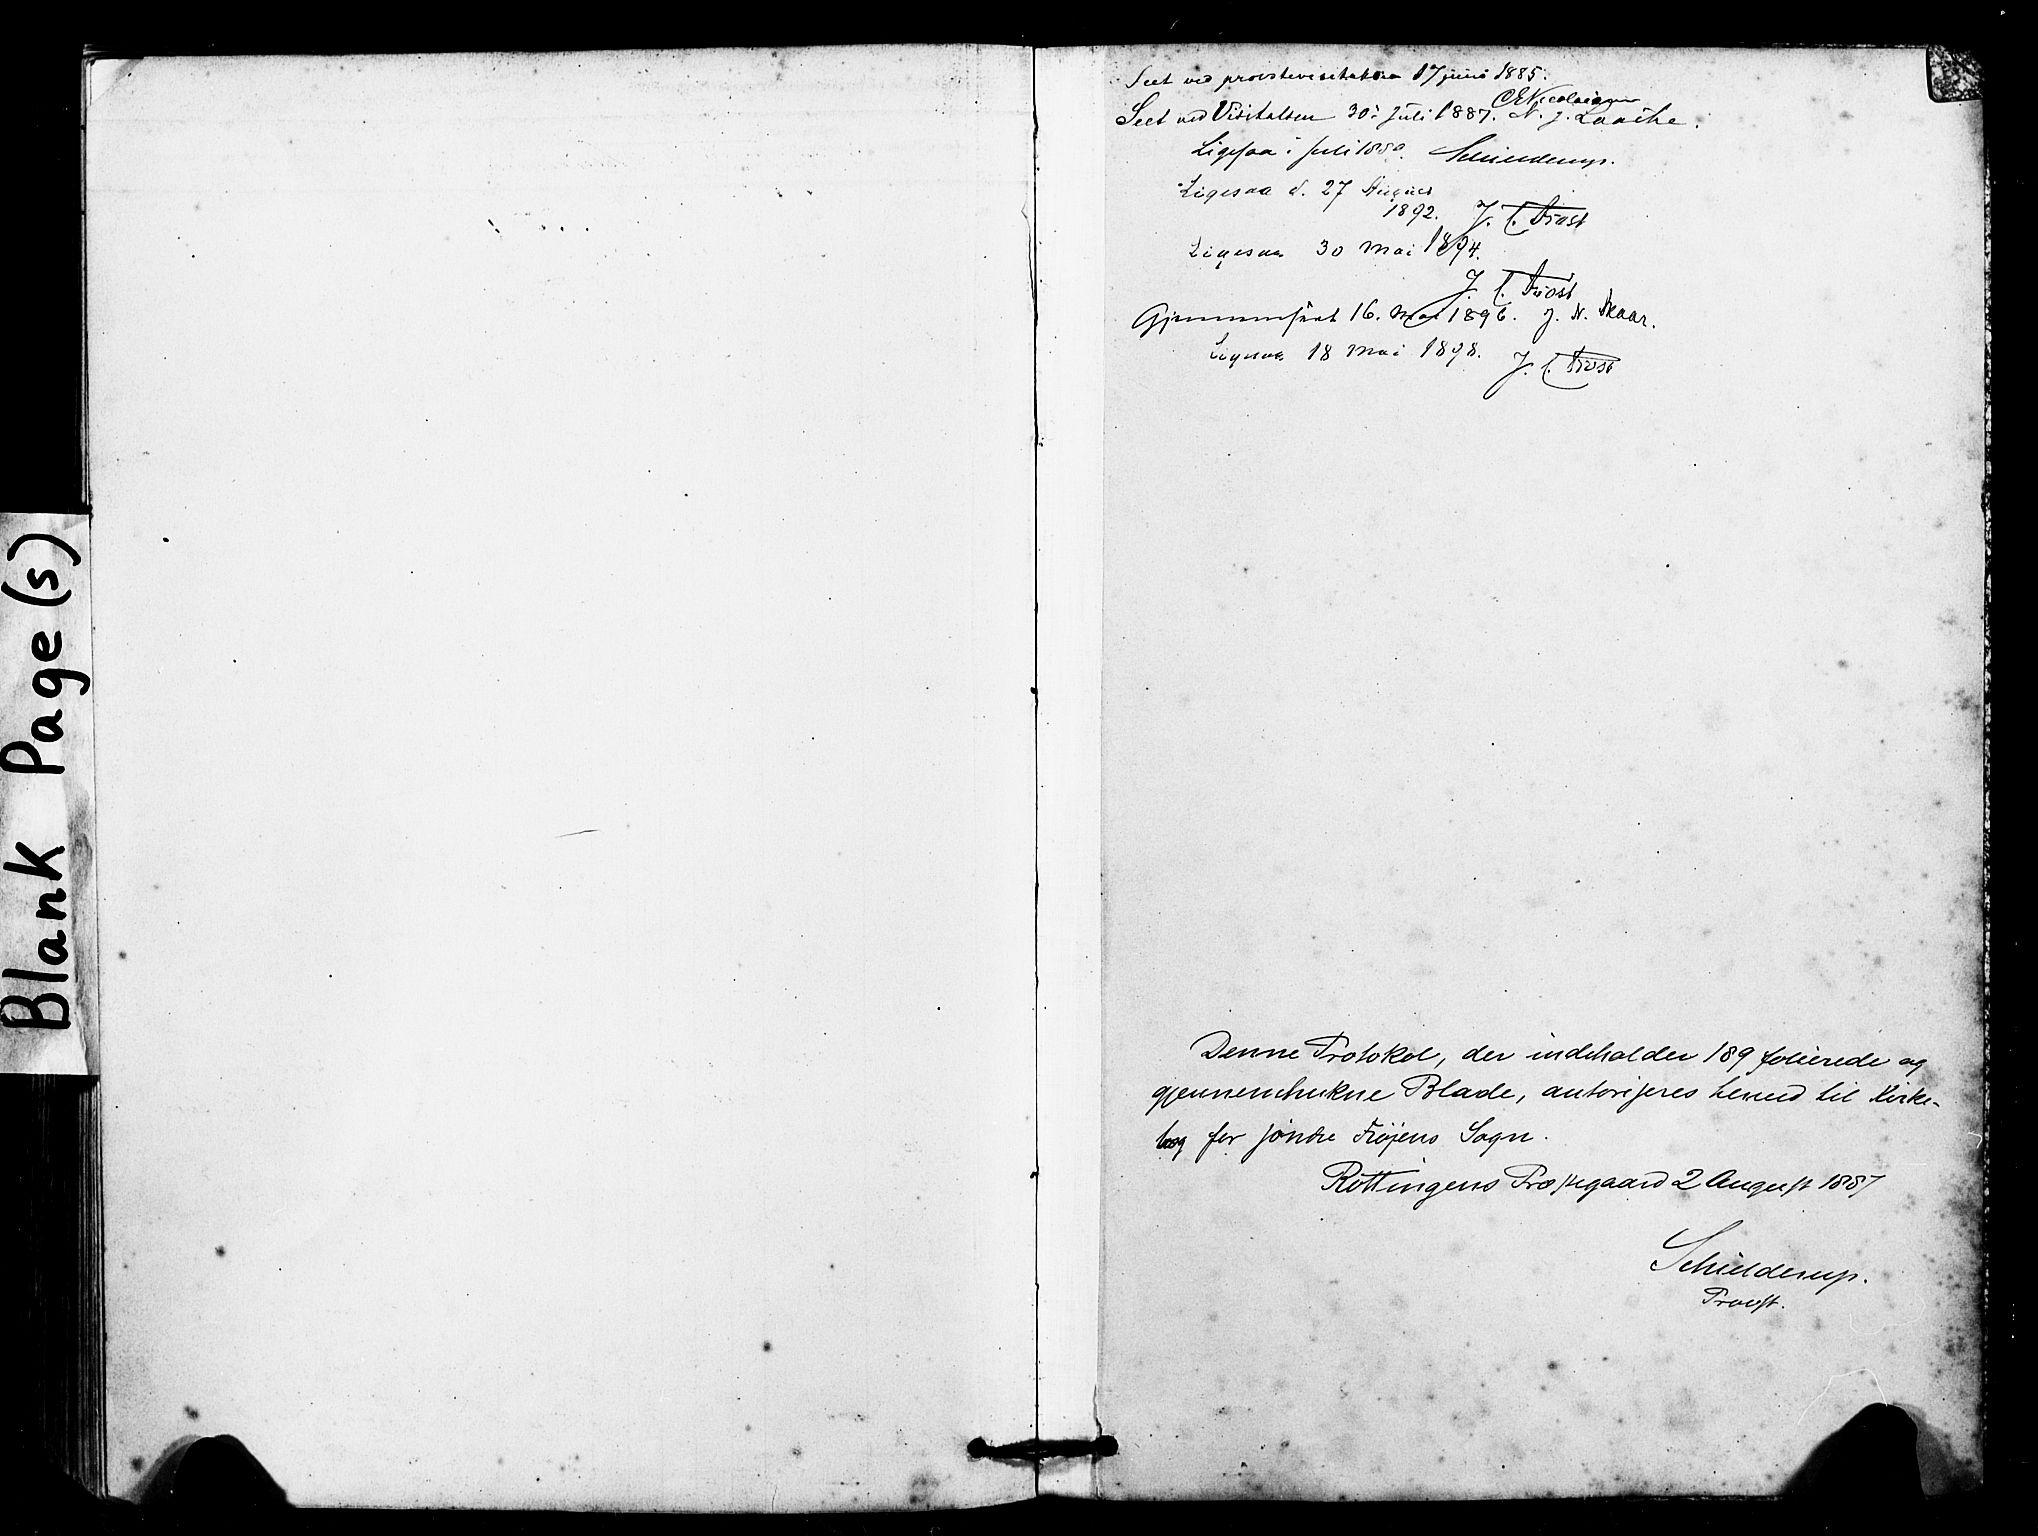 SAT, Ministerialprotokoller, klokkerbøker og fødselsregistre - Sør-Trøndelag, 641/L0595: Ministerialbok nr. 641A01, 1882-1897